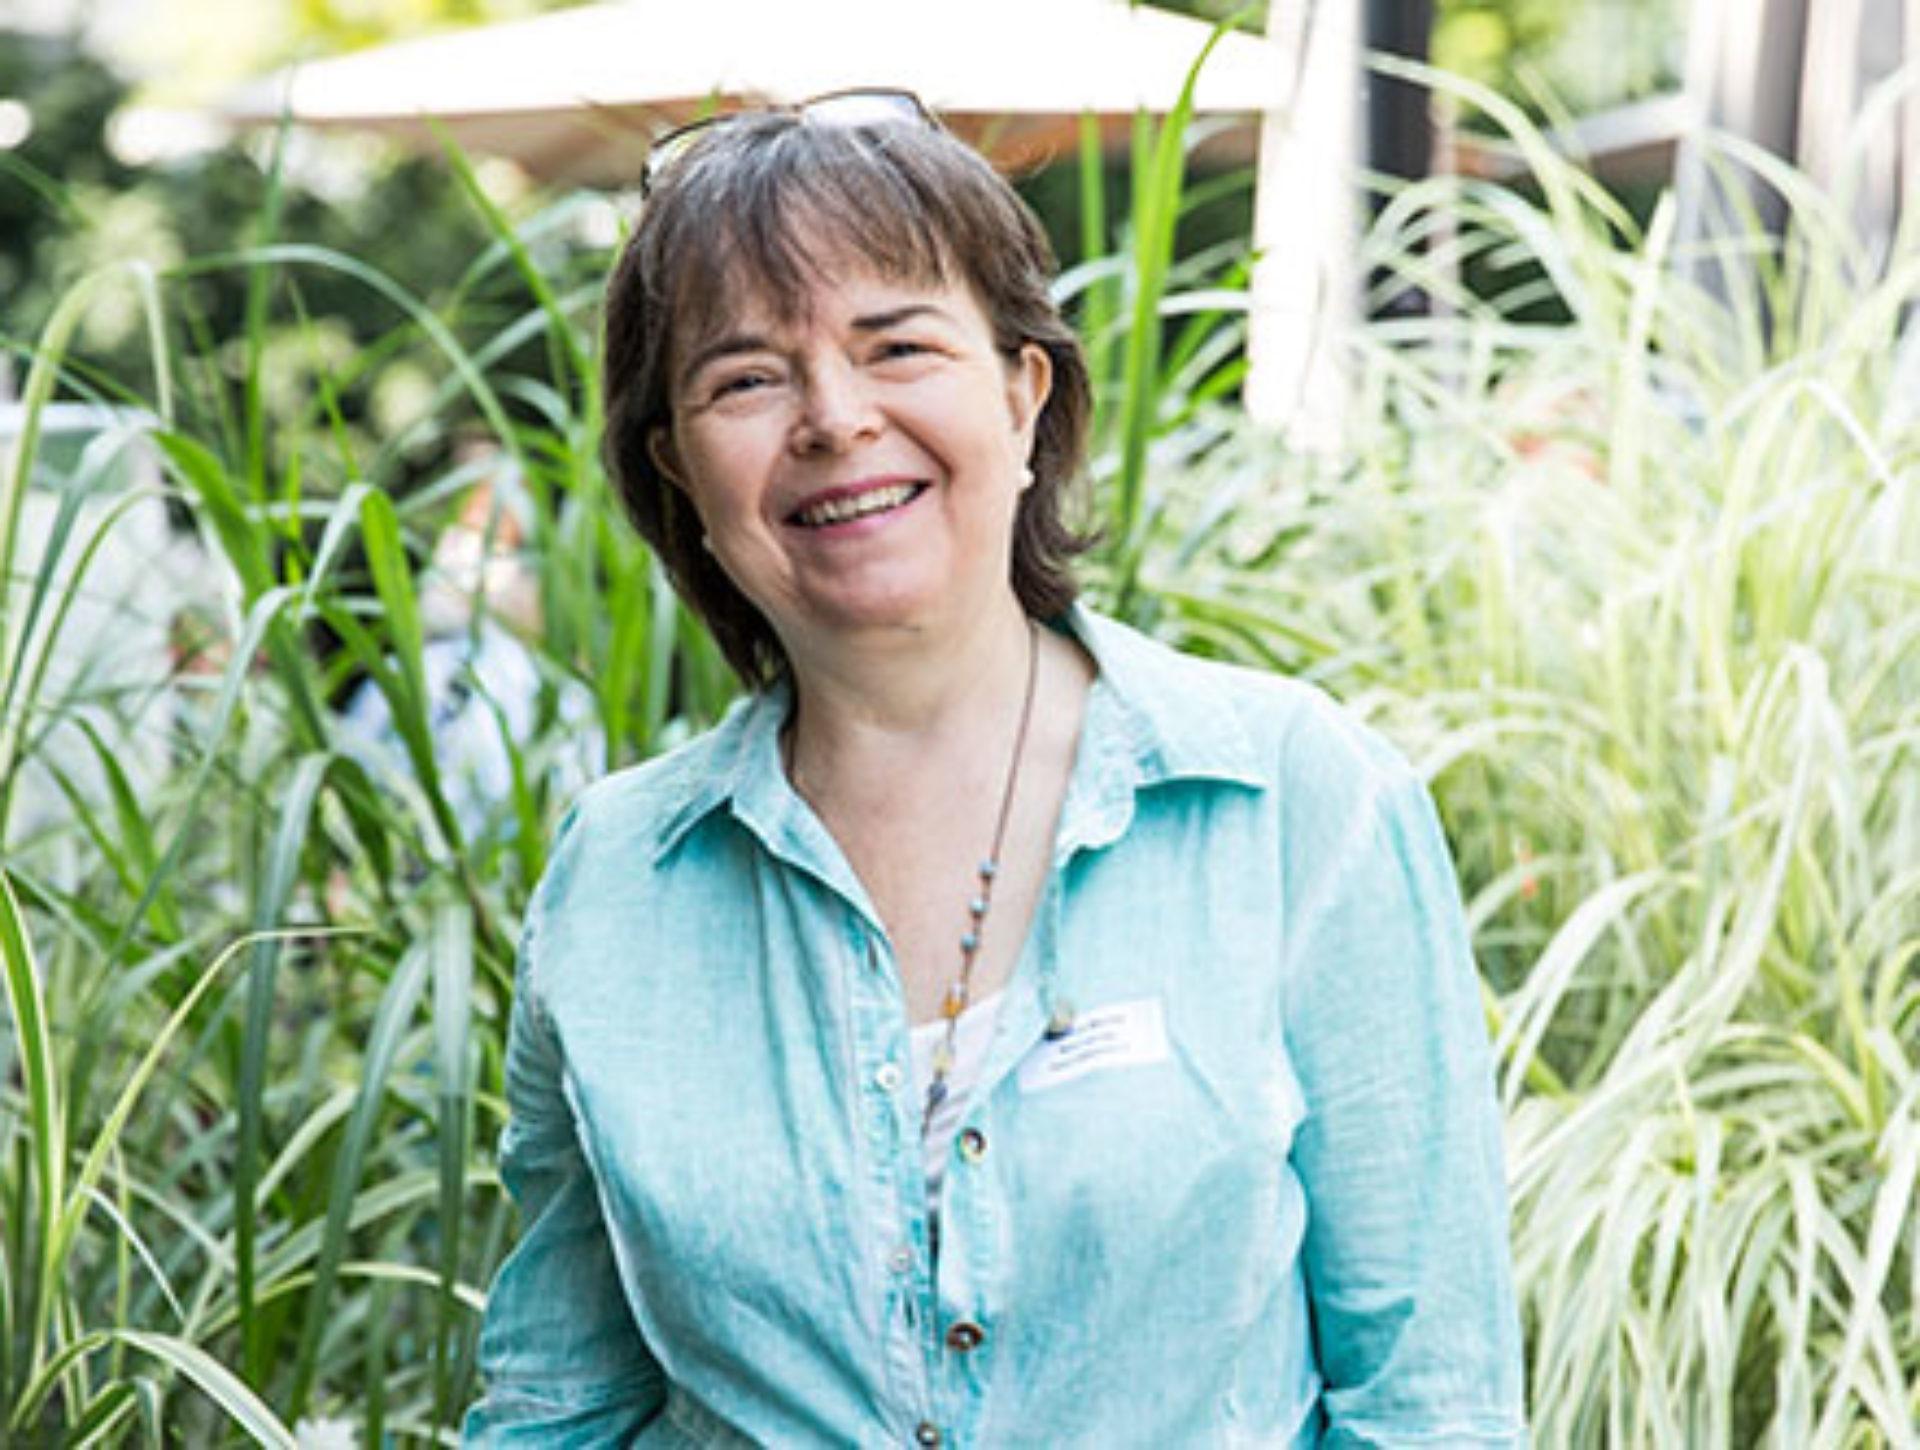 Monica Weibel, Geschäftsleiterin Wärchbrogg «Fünf Jahre Quai4 – den Unterstützern gilt grosser Dank. Damit alle Betriebe funktionieren, braucht es jeden Einzelnen. Dieser Einsatz ist toll.»